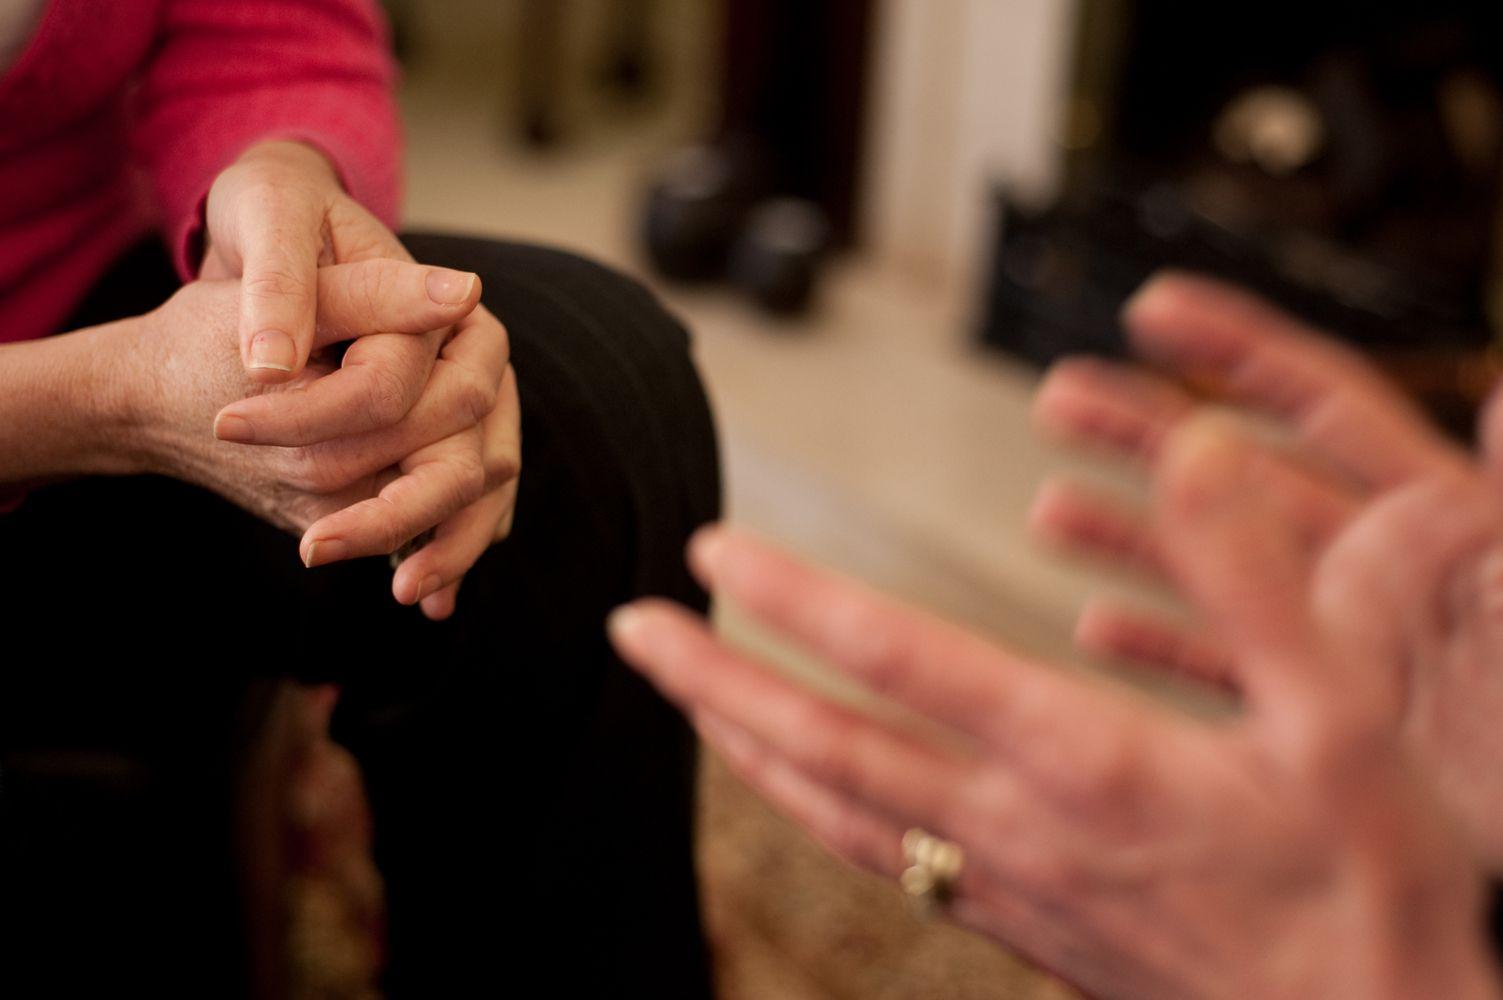 Как диалектическая поведенческая терапия (ДБТ) может помочь людям с ПТСР